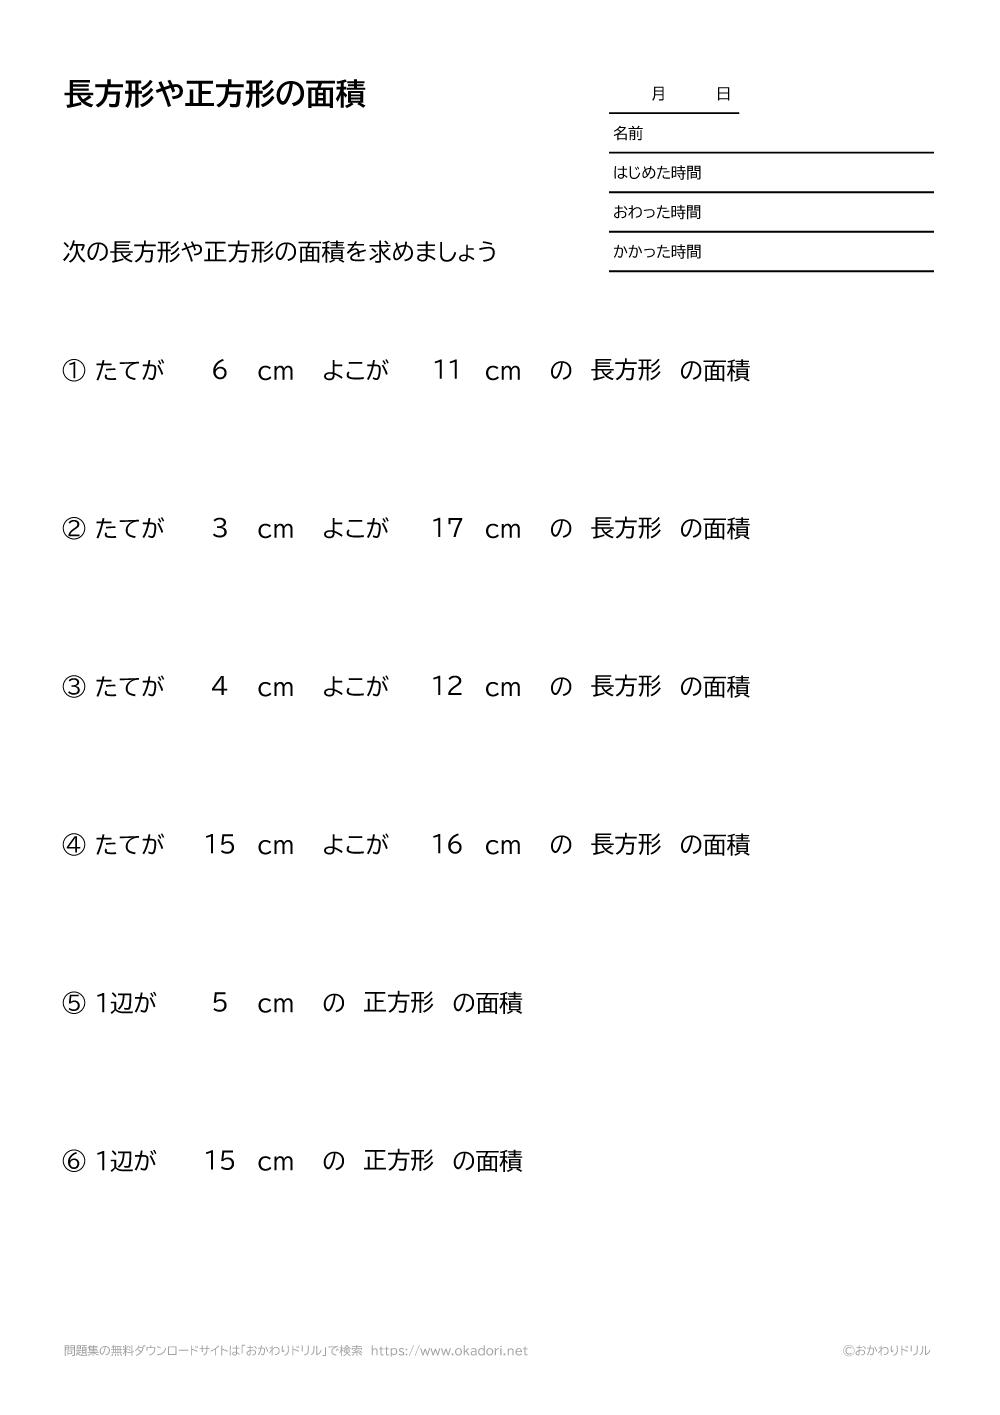 長方形や正方形の面積3